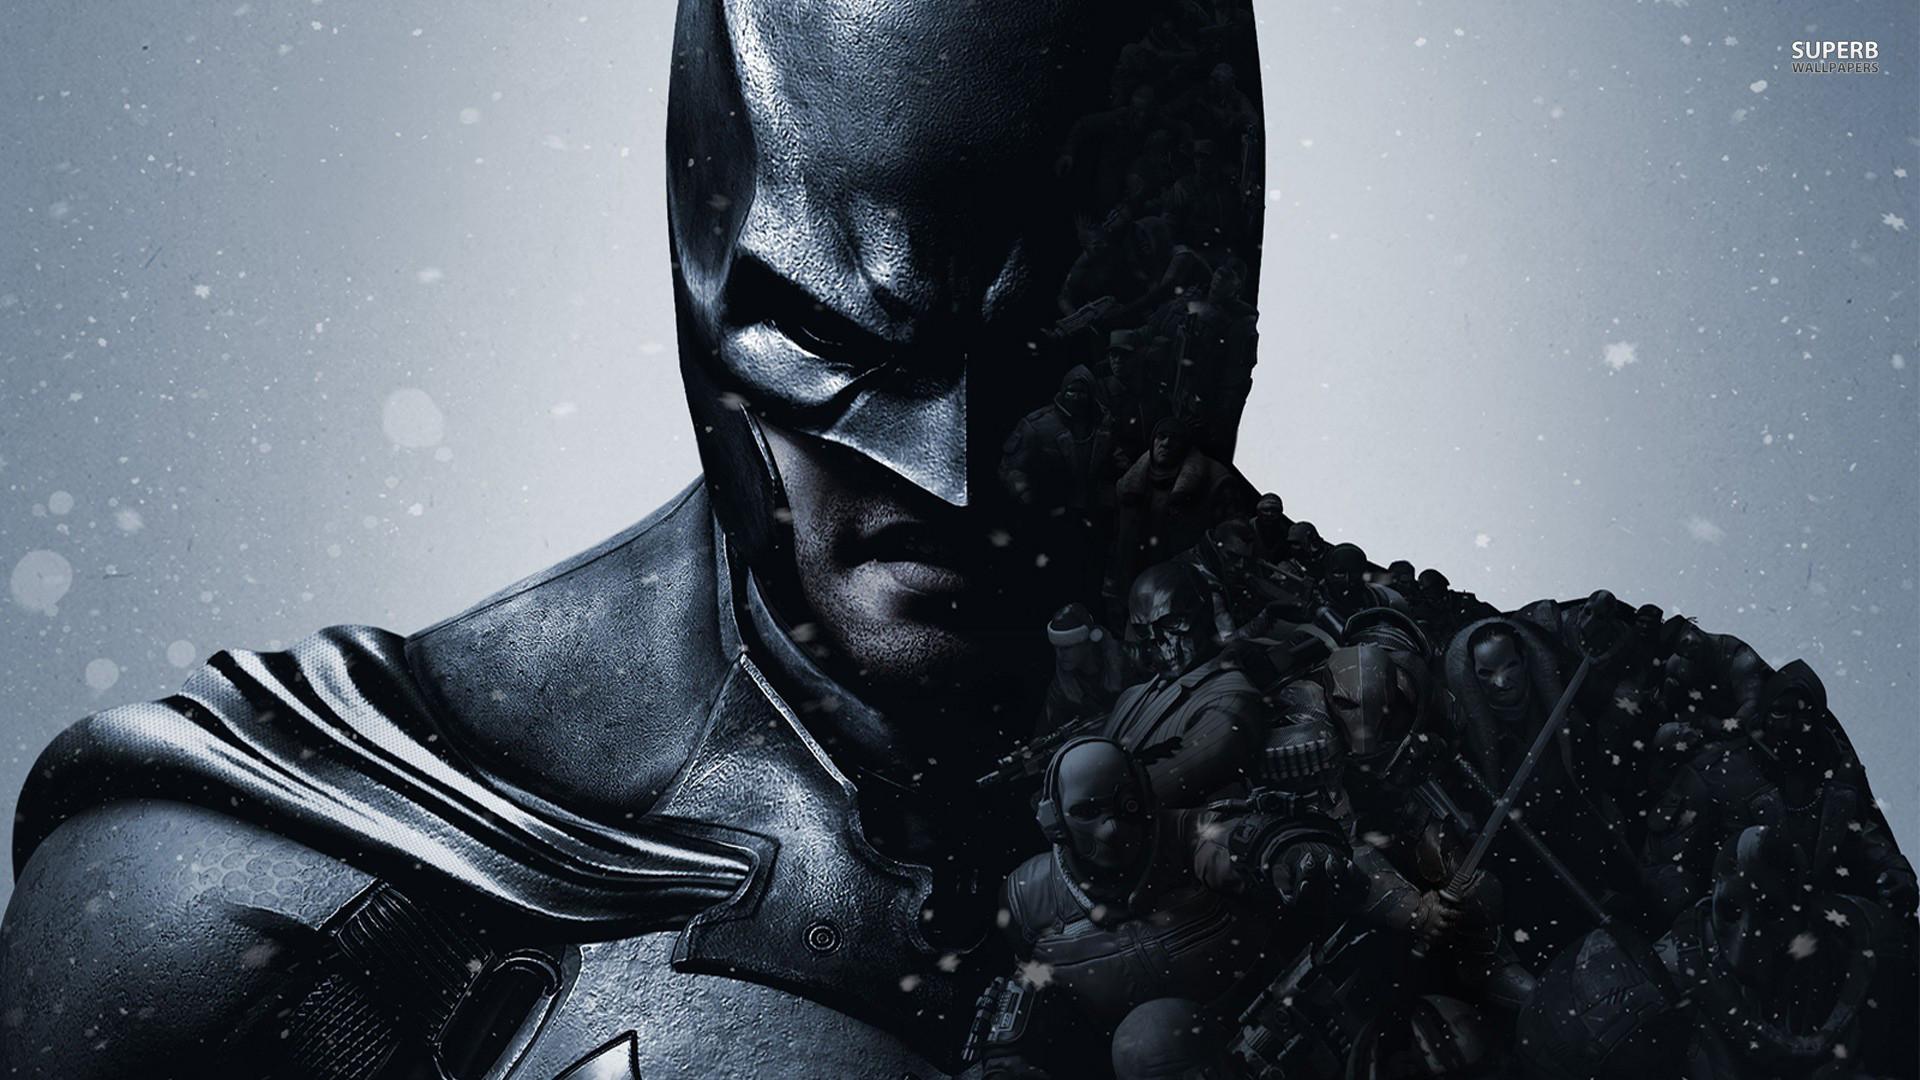 0 30 HD Batman Wallpaper Download 4K Batman Wallpaper